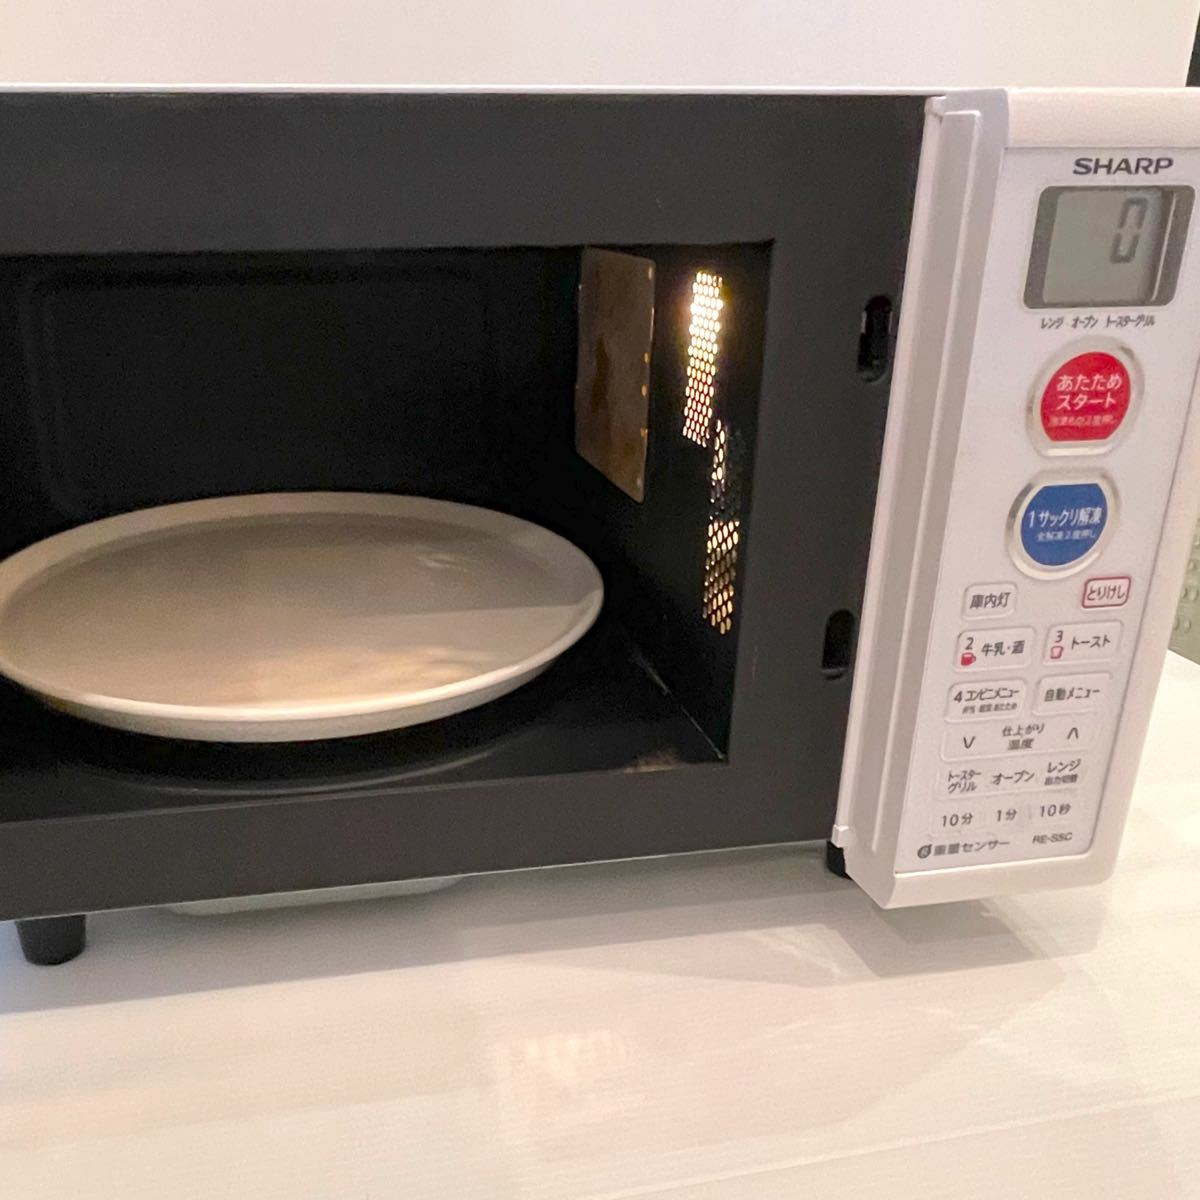 オーブンレンジRE-S 5C-W2014年製【クリーニング済】【動作確認済】 SHARP オーブンレンジ 電子レンジ